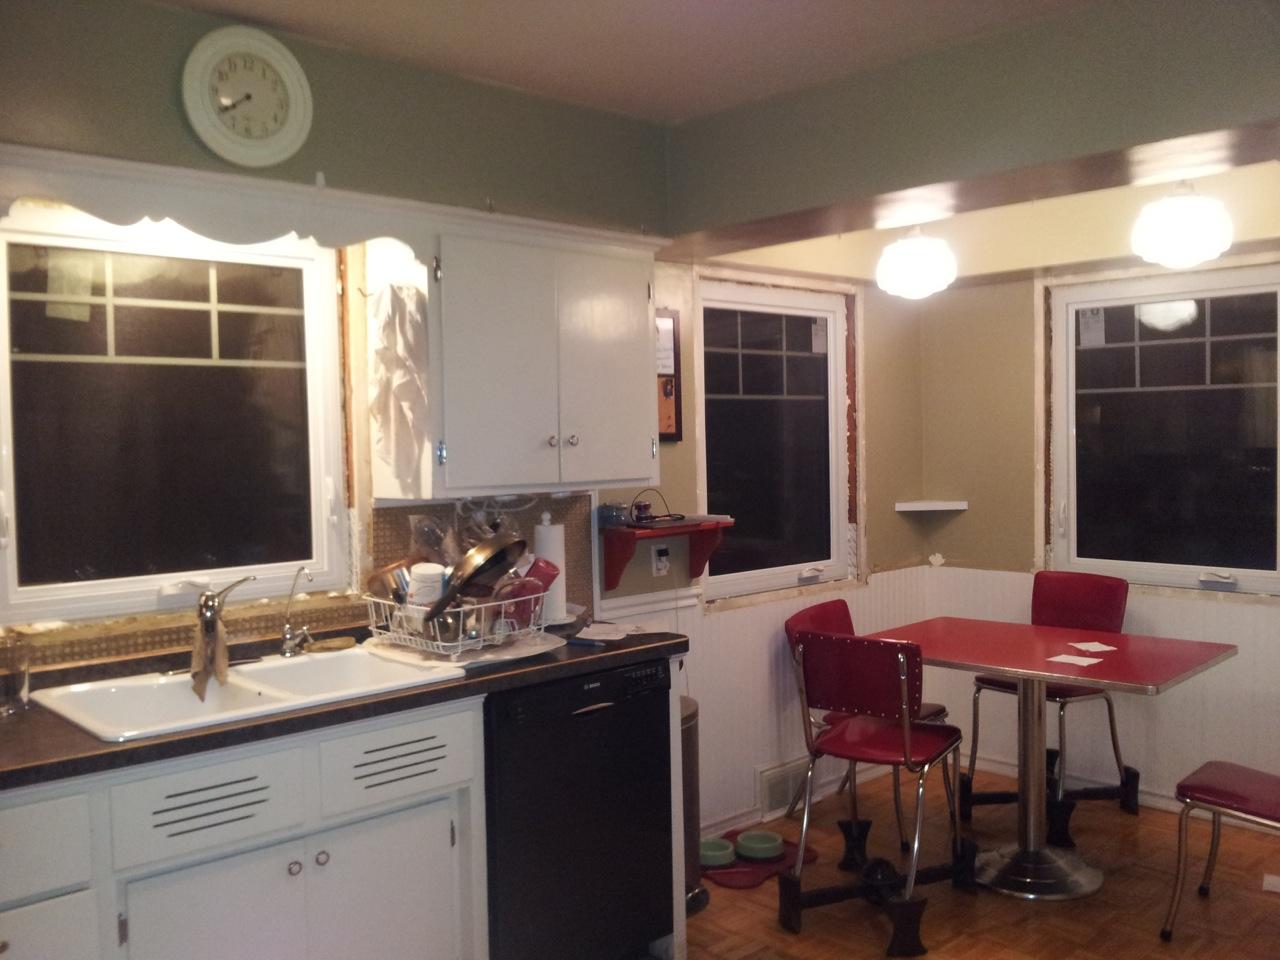 Kitchen, during